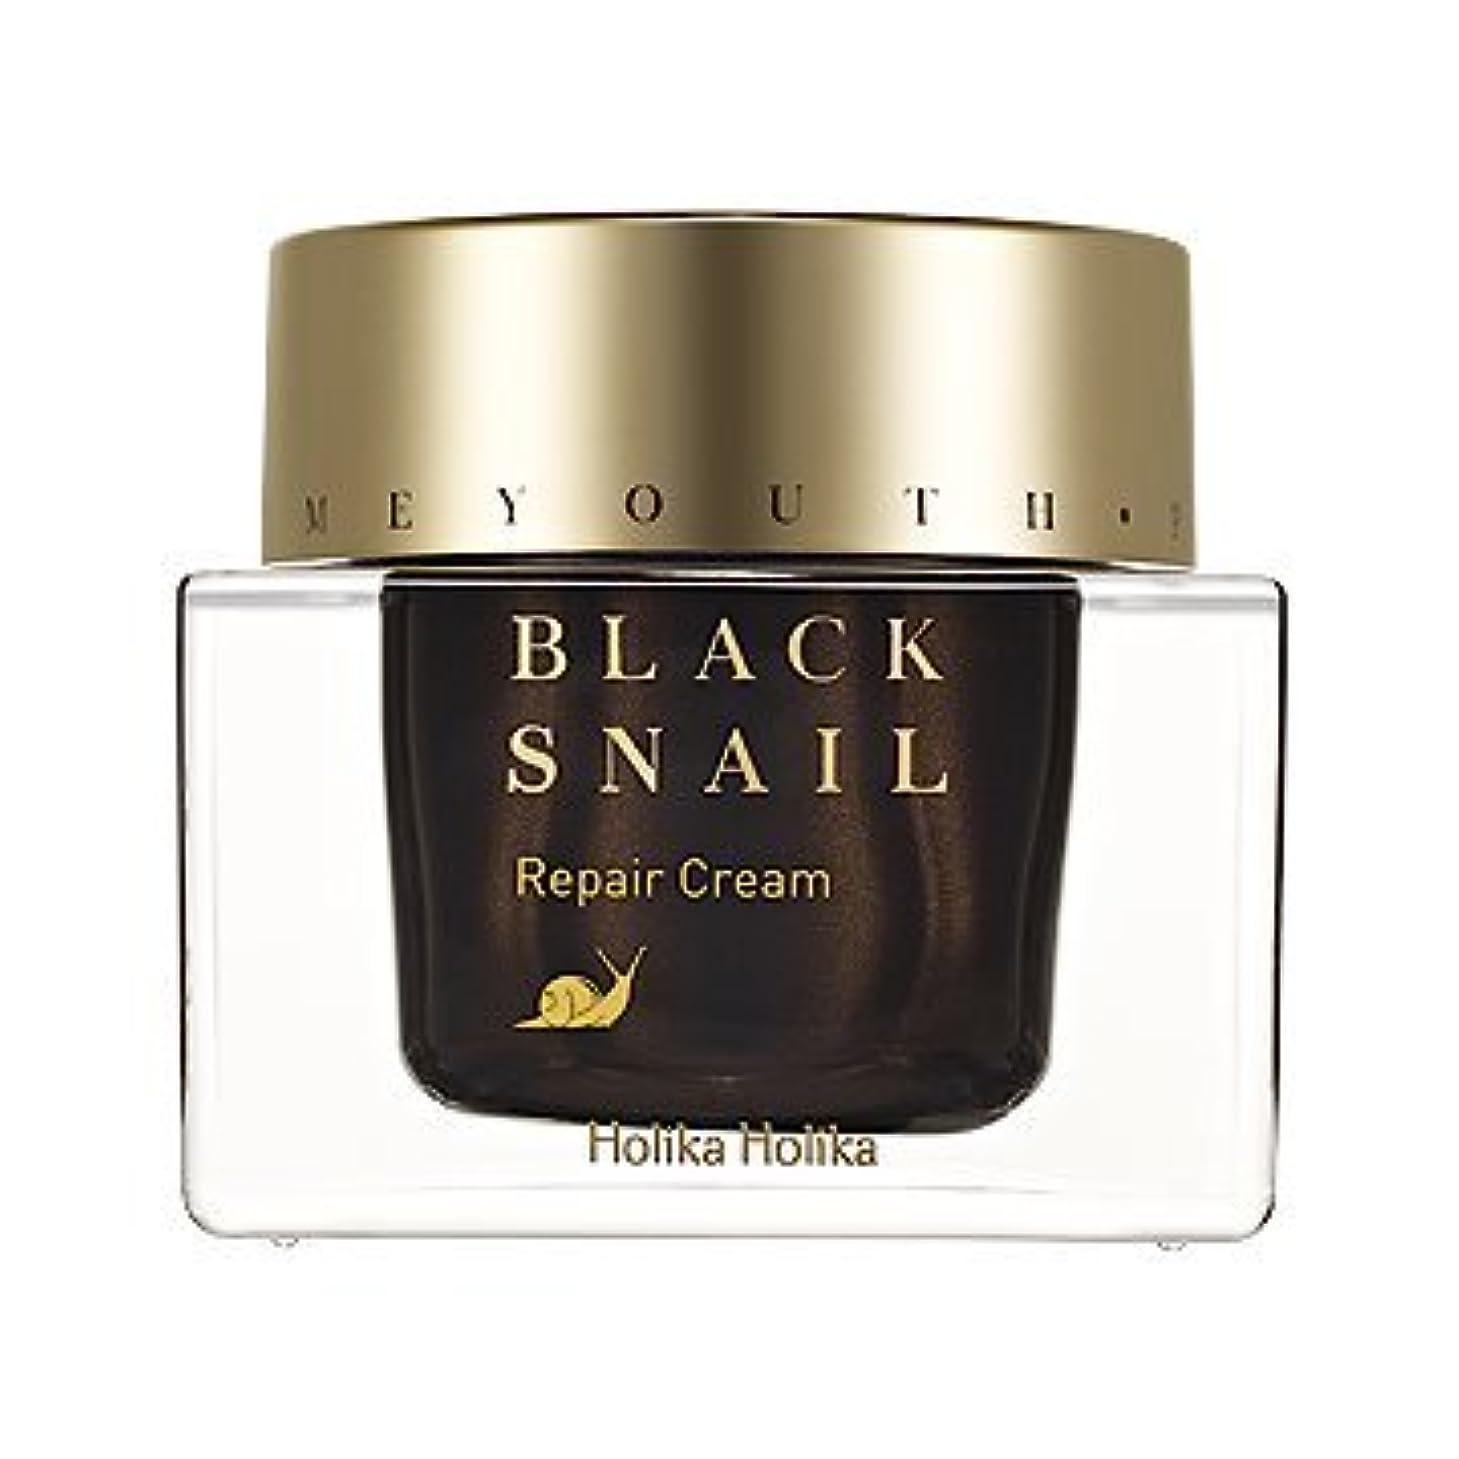 建てるラリーアーカイブHolikaHolika(ホリカホリカ) Prime Youth Black Snail Repair Cream プライムユースブラックスネイルクリーム カタツムリ エスカルゴ [並行輸入品]